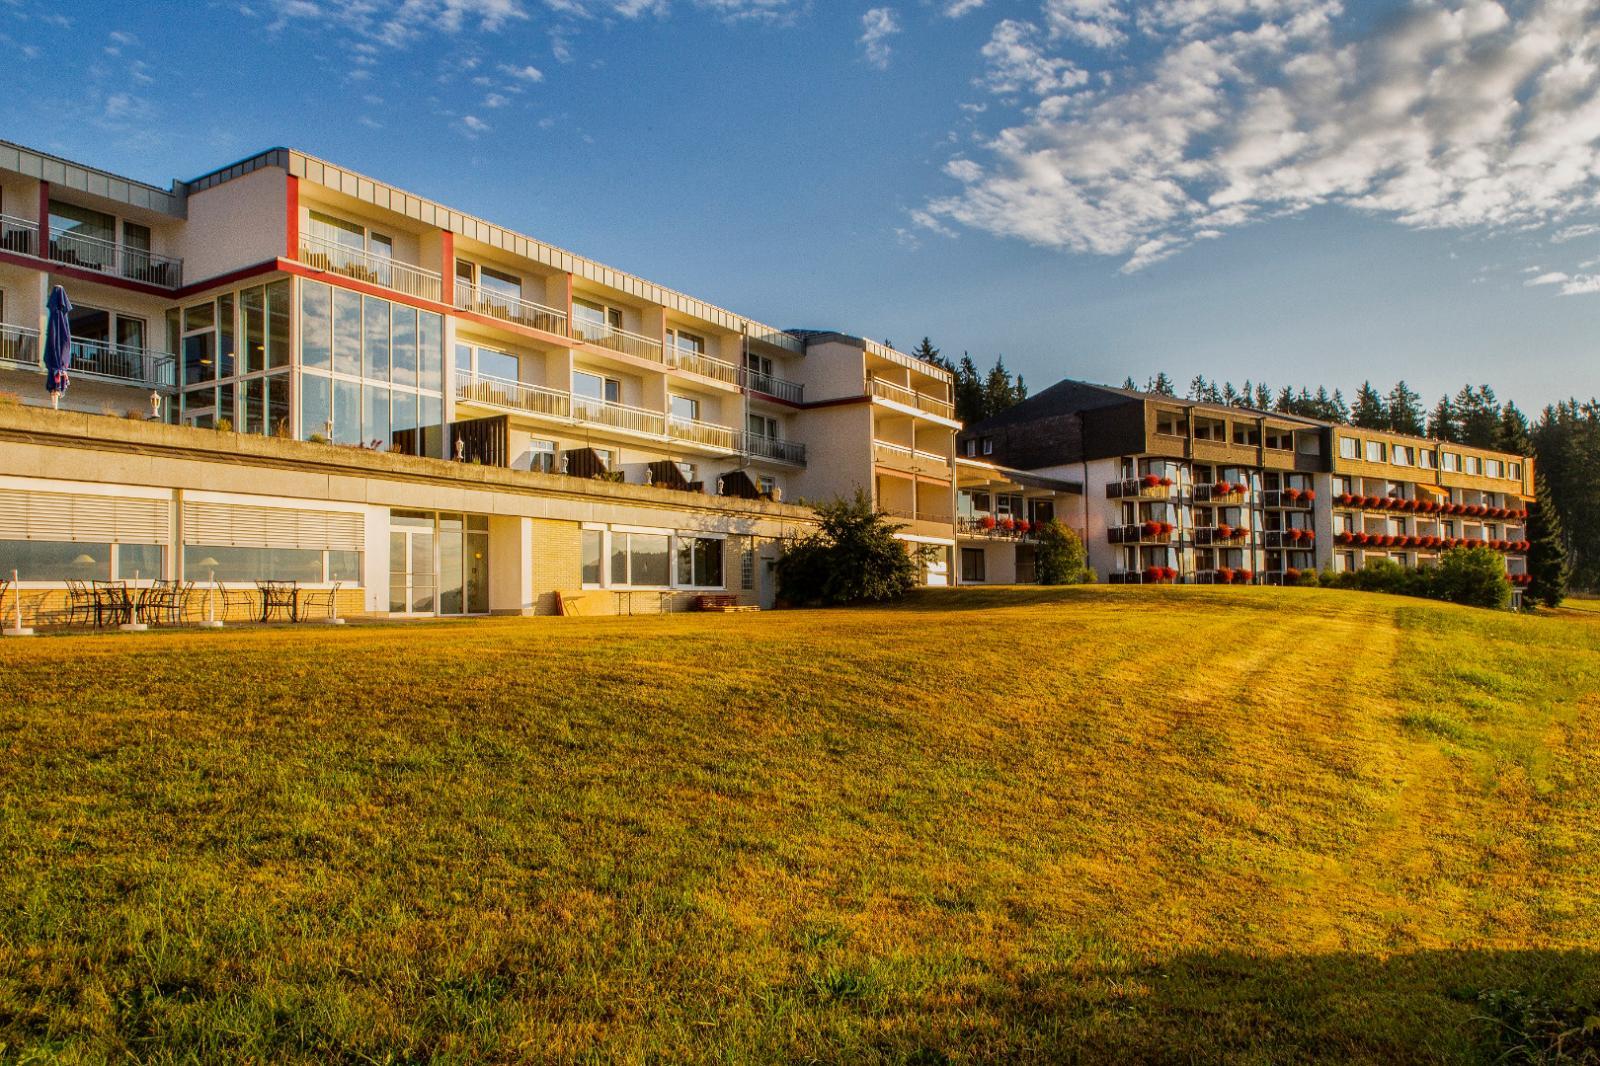 Wellnesshotel Saigerhöh Bilder | Bild 1